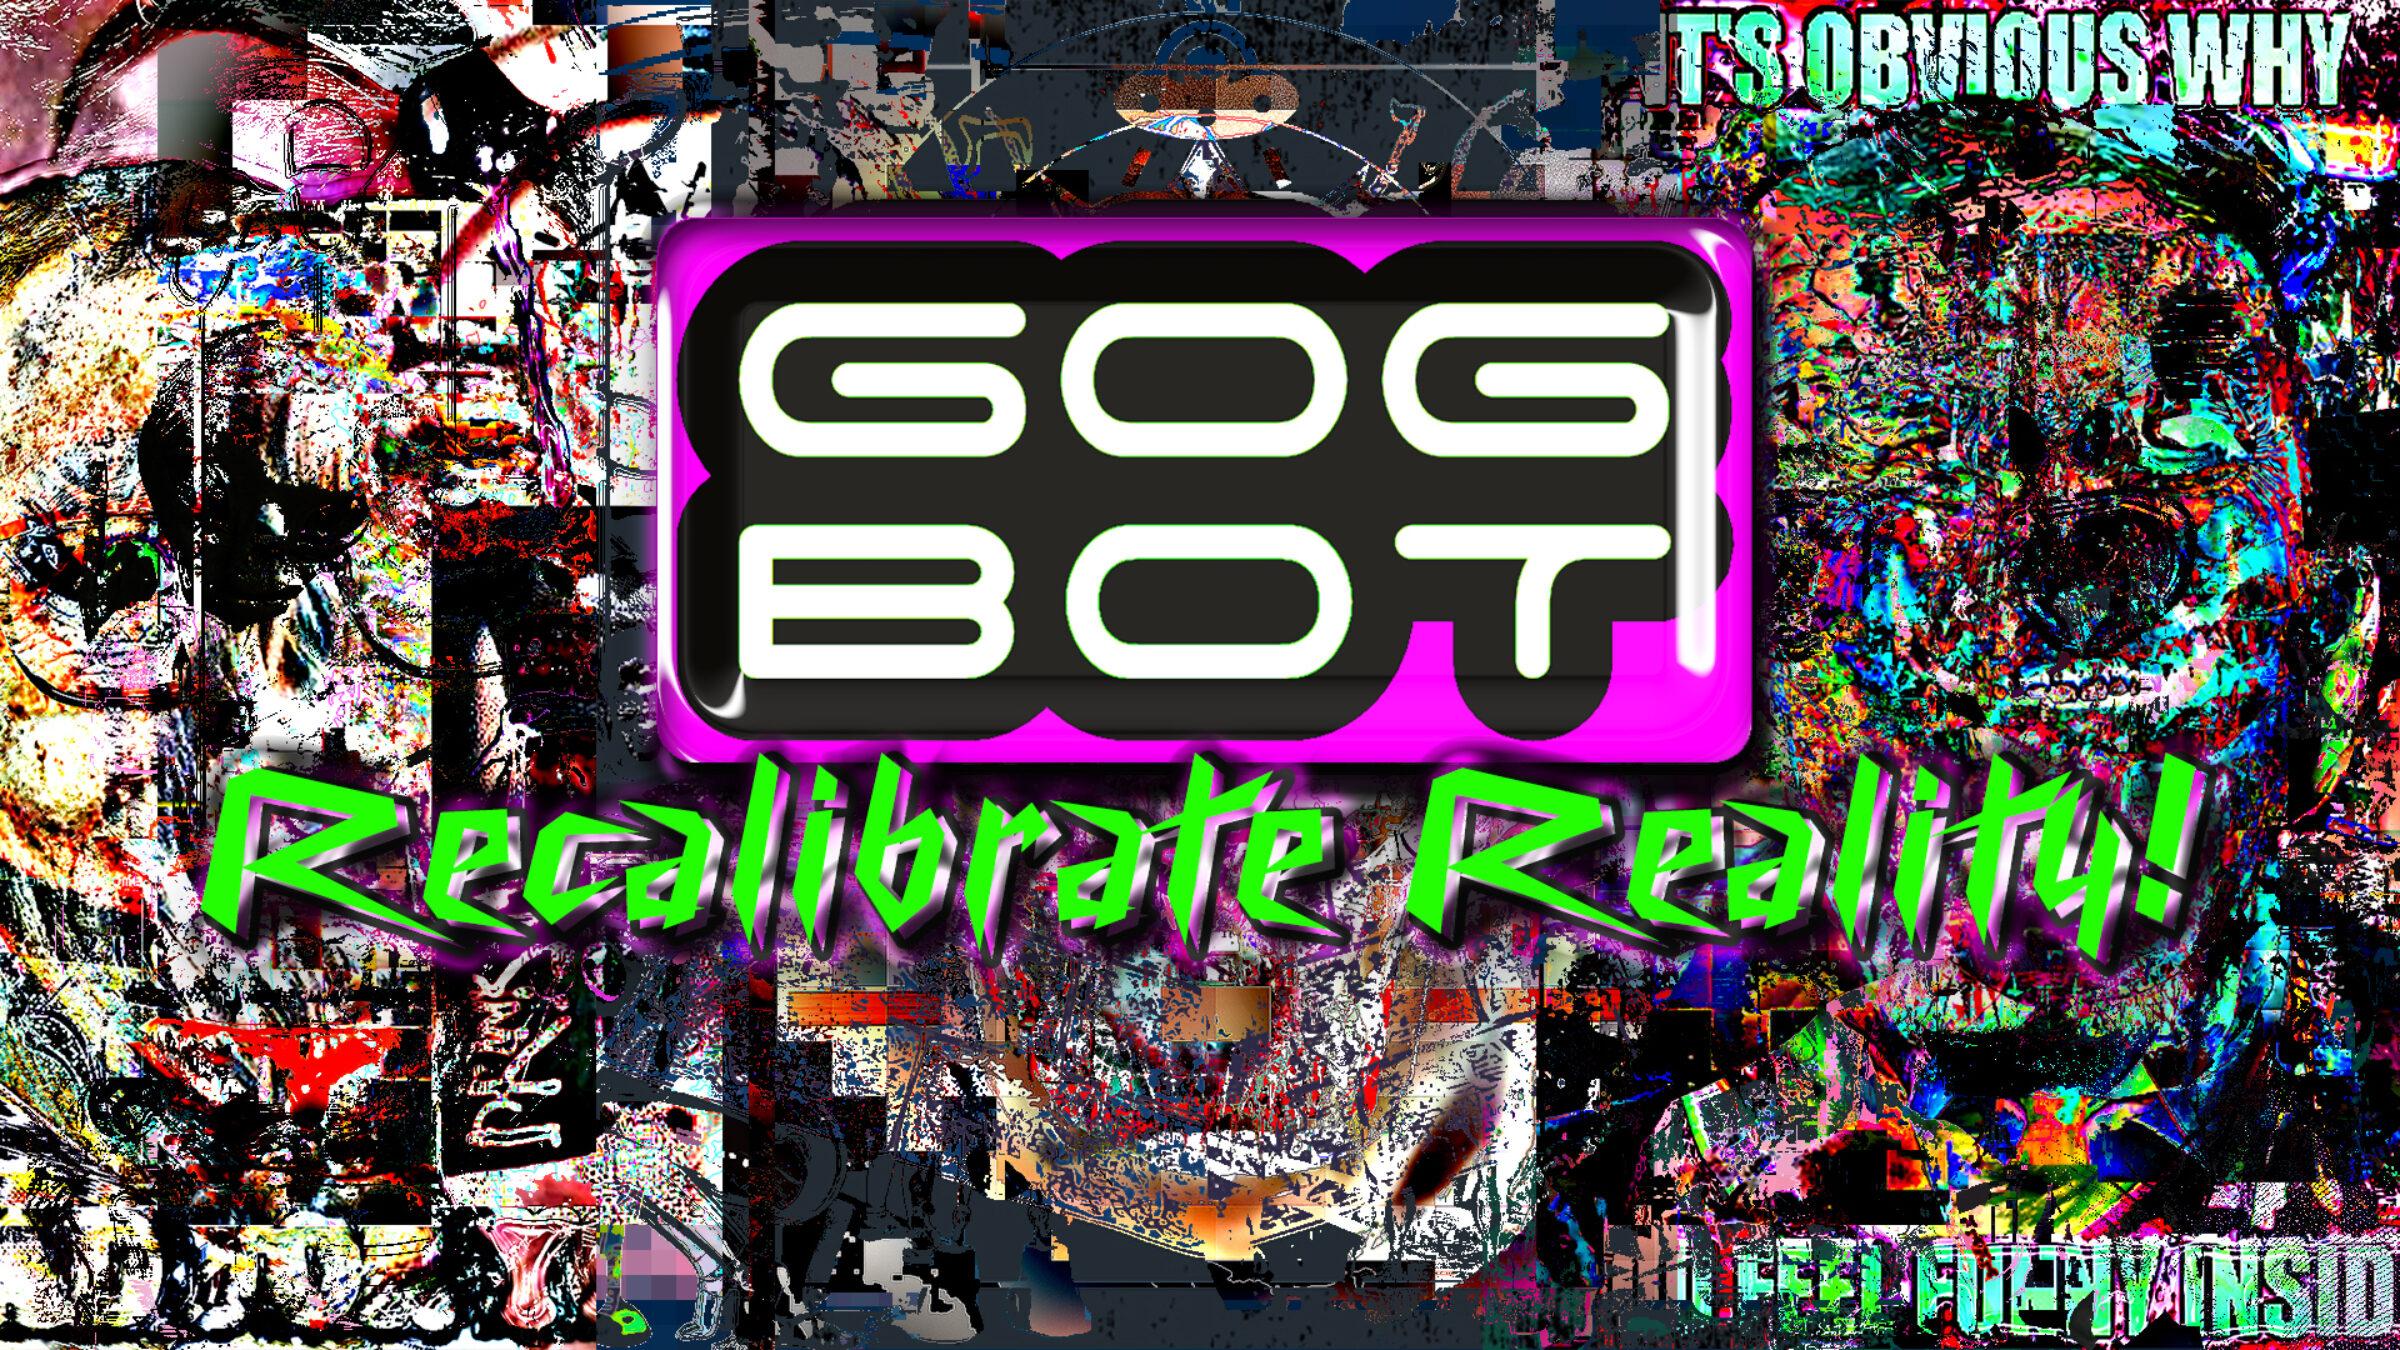 Recalibrate Reality x GOGBOT